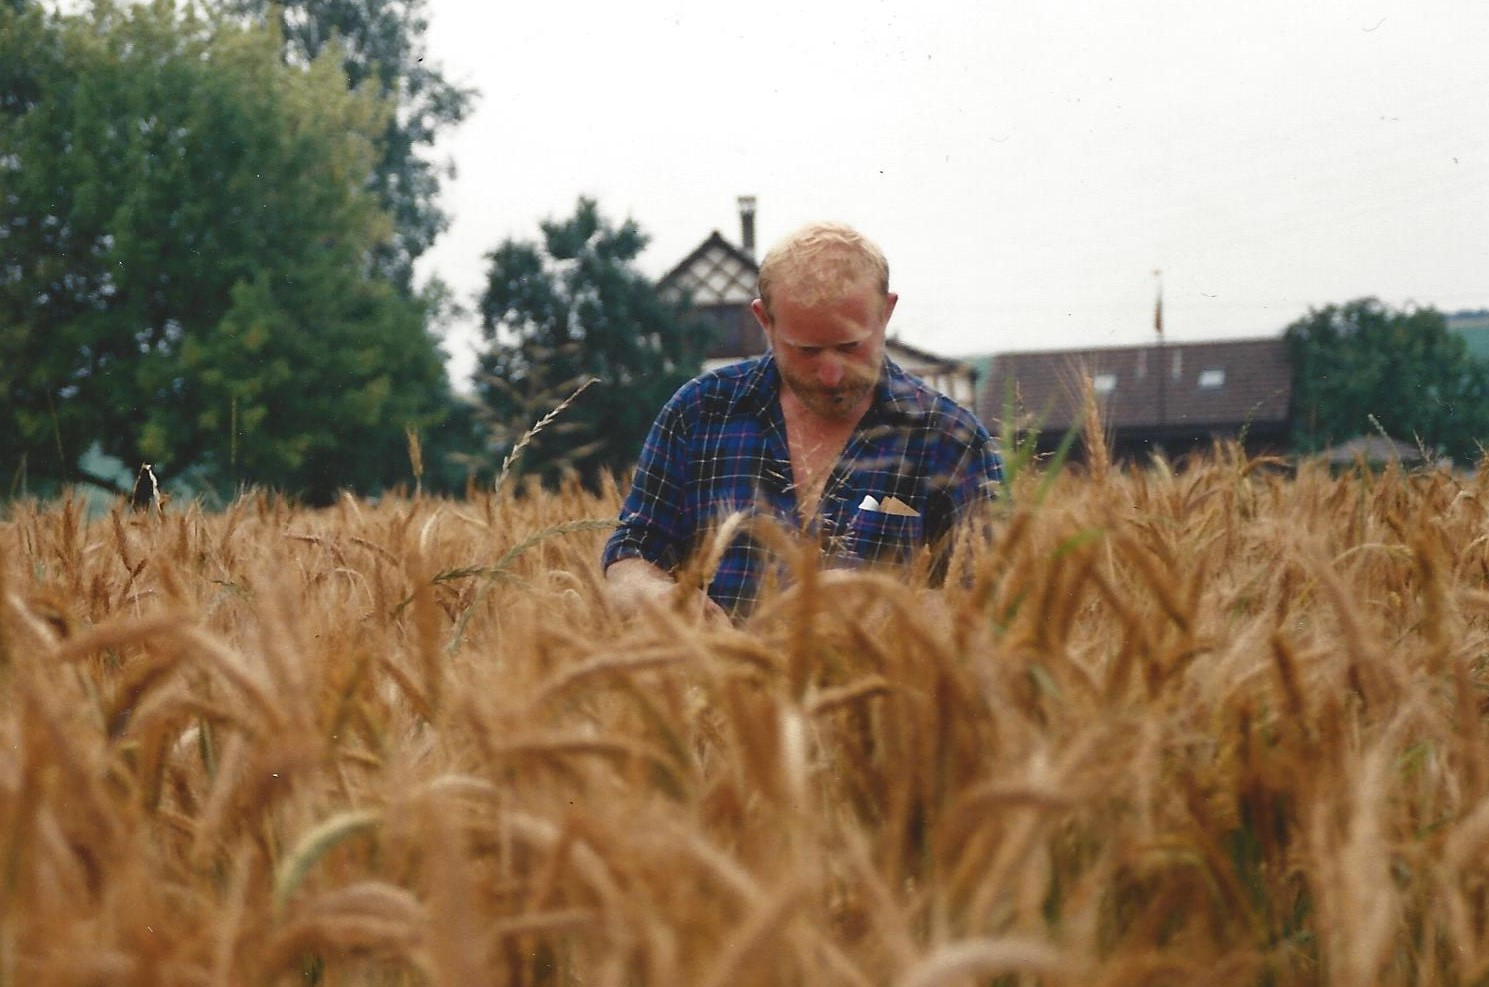 Hans in seinen jungen Jahren im Getreidefeld